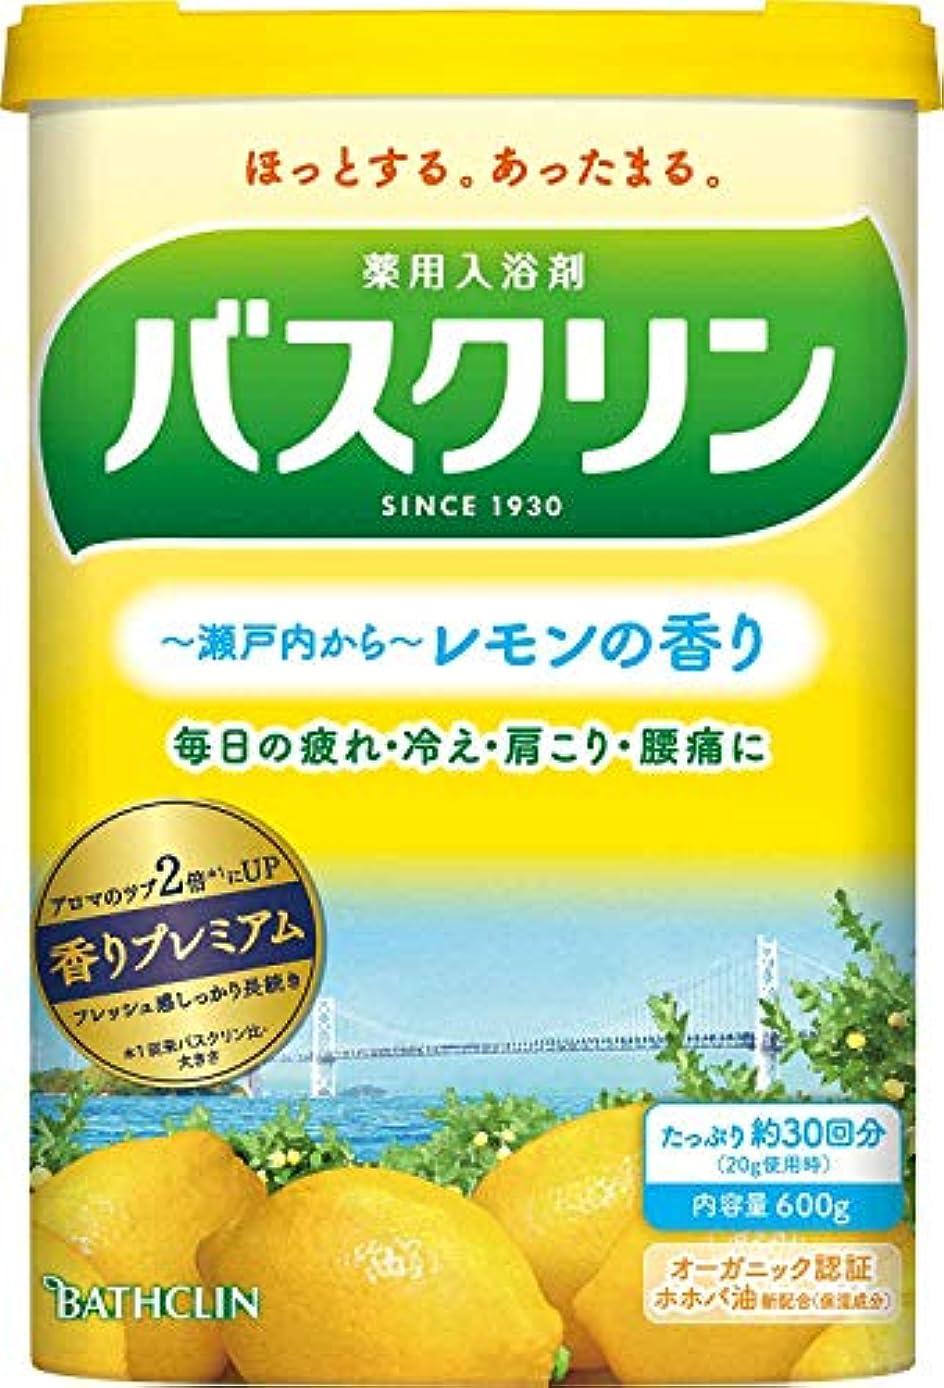 パンフレットに負けるバドミントン【医薬部外品】バスクリン入浴剤 レモンの香り600g(約30回分) 疲労回復